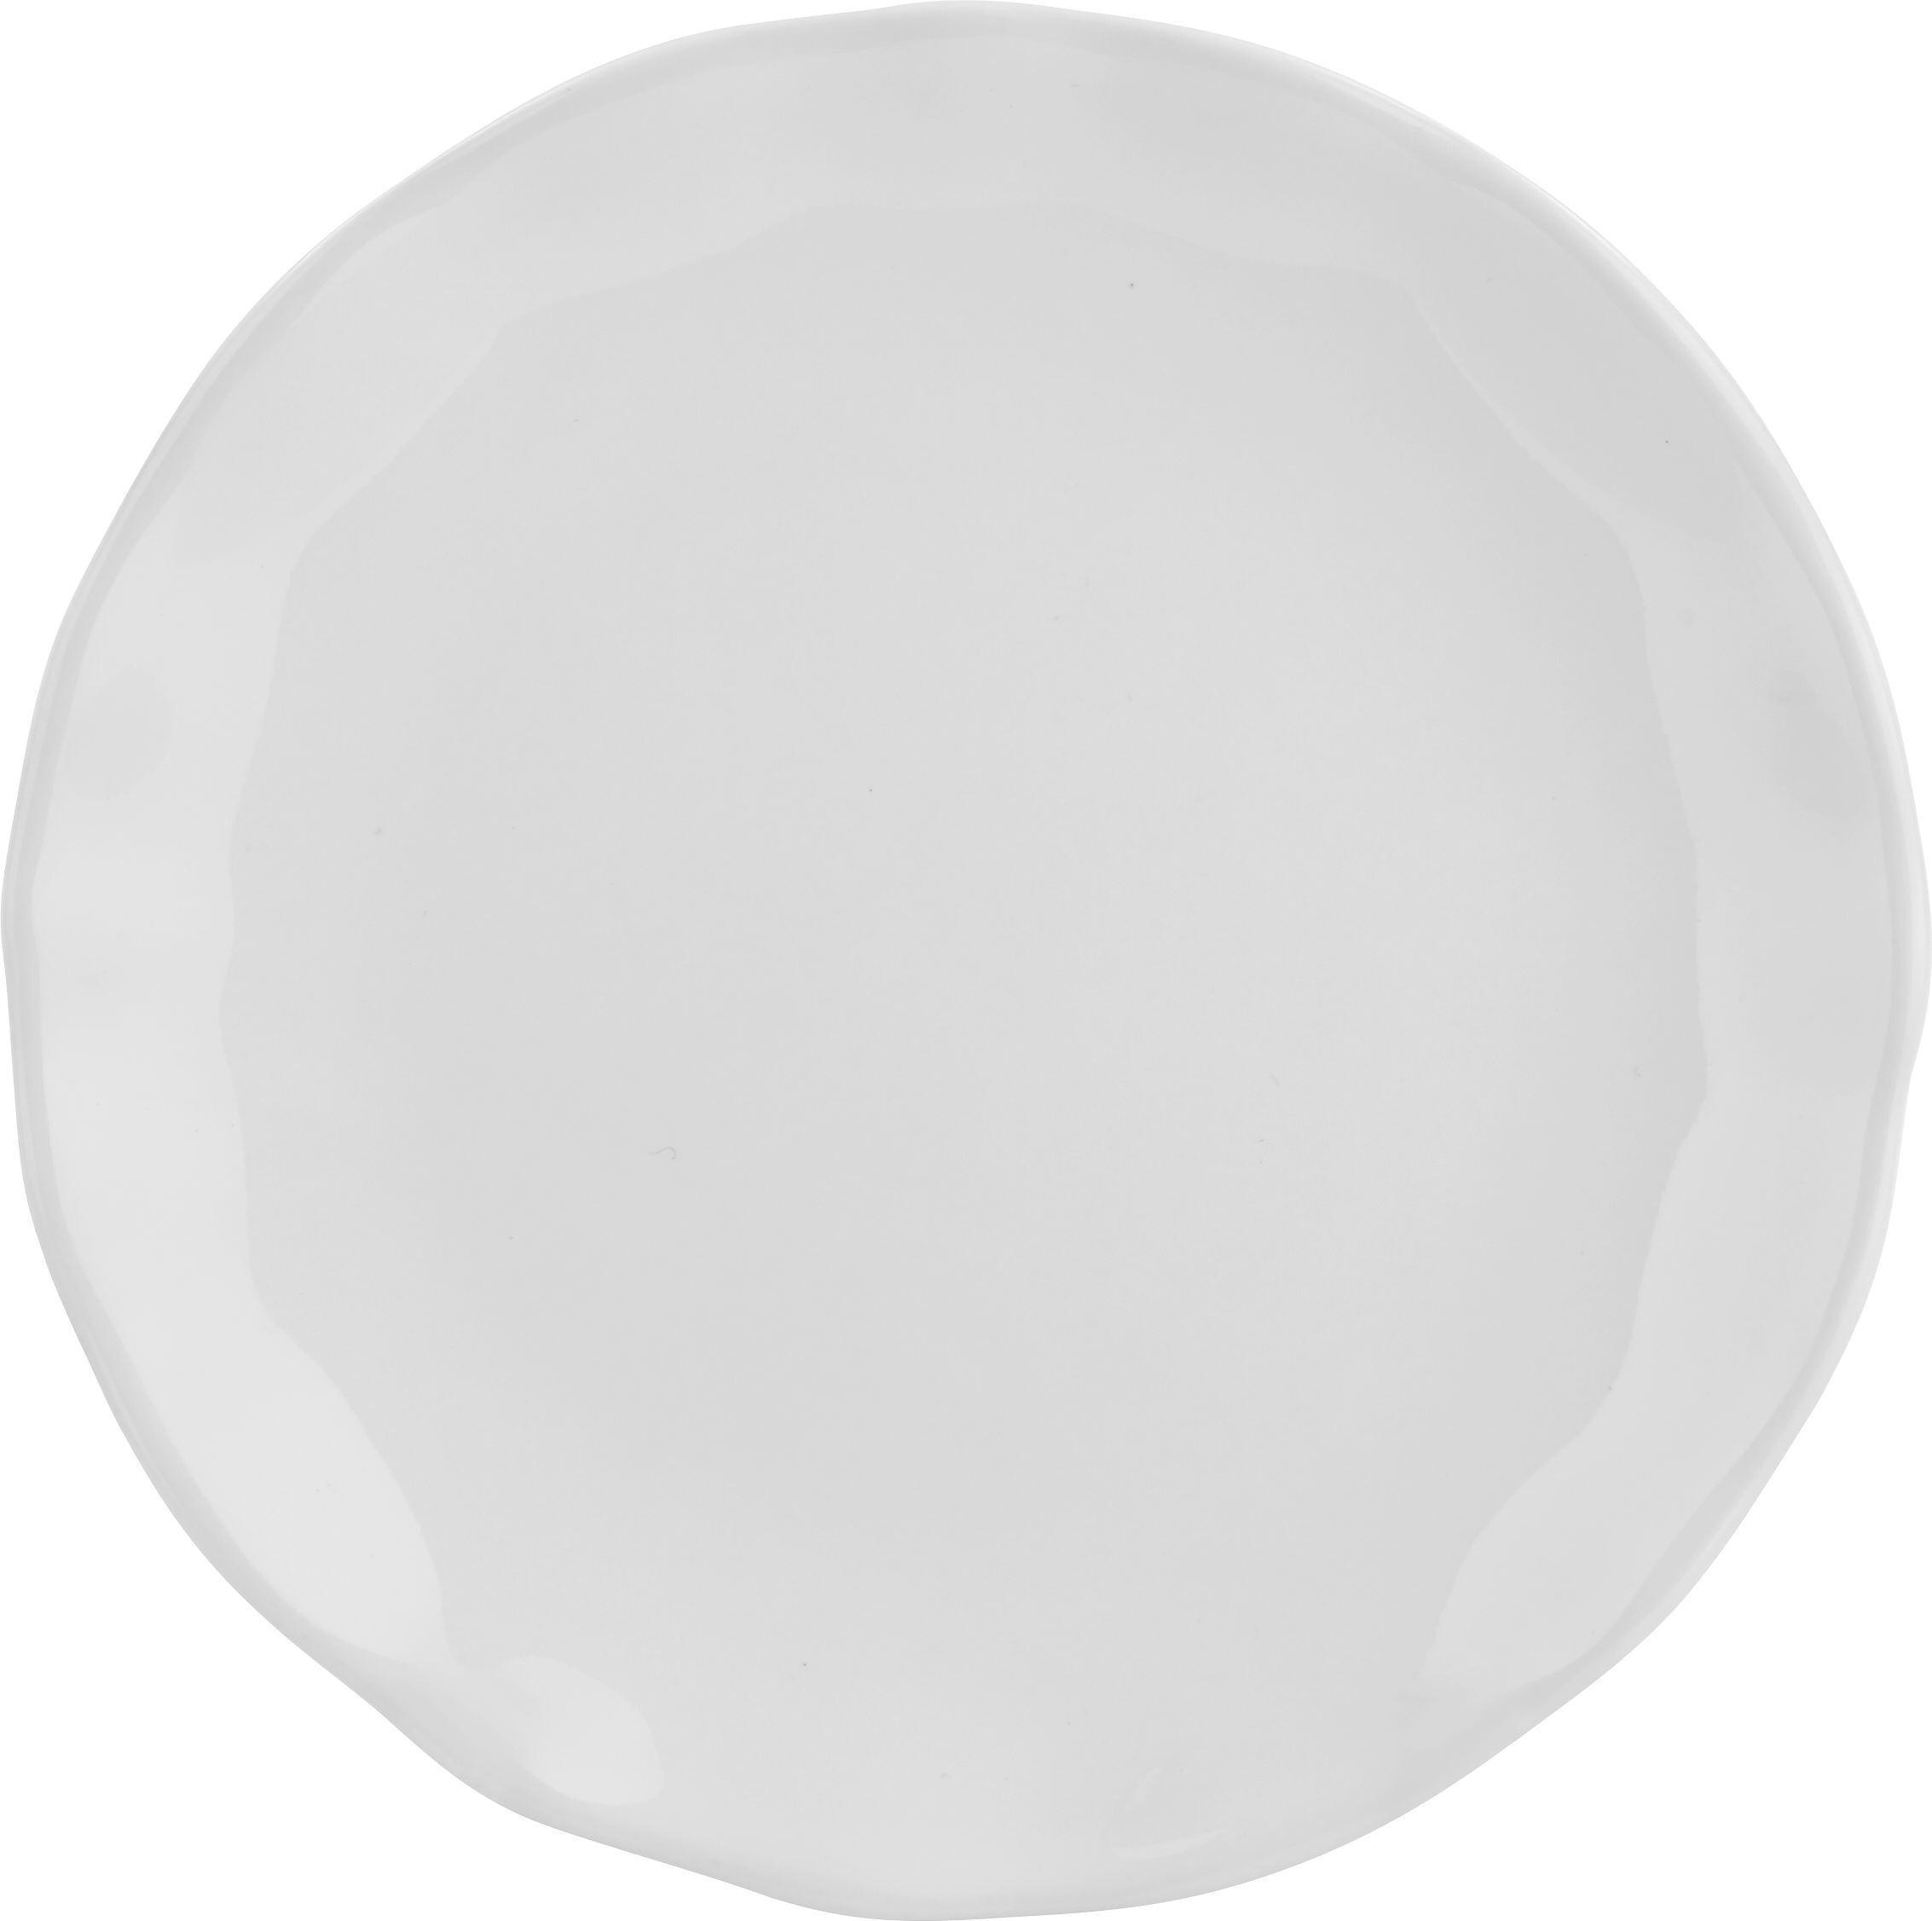 Dessertteller Pauline in Weiß - Weiß, ROMANTIK / LANDHAUS, Keramik (19cm) - ZANDIARA